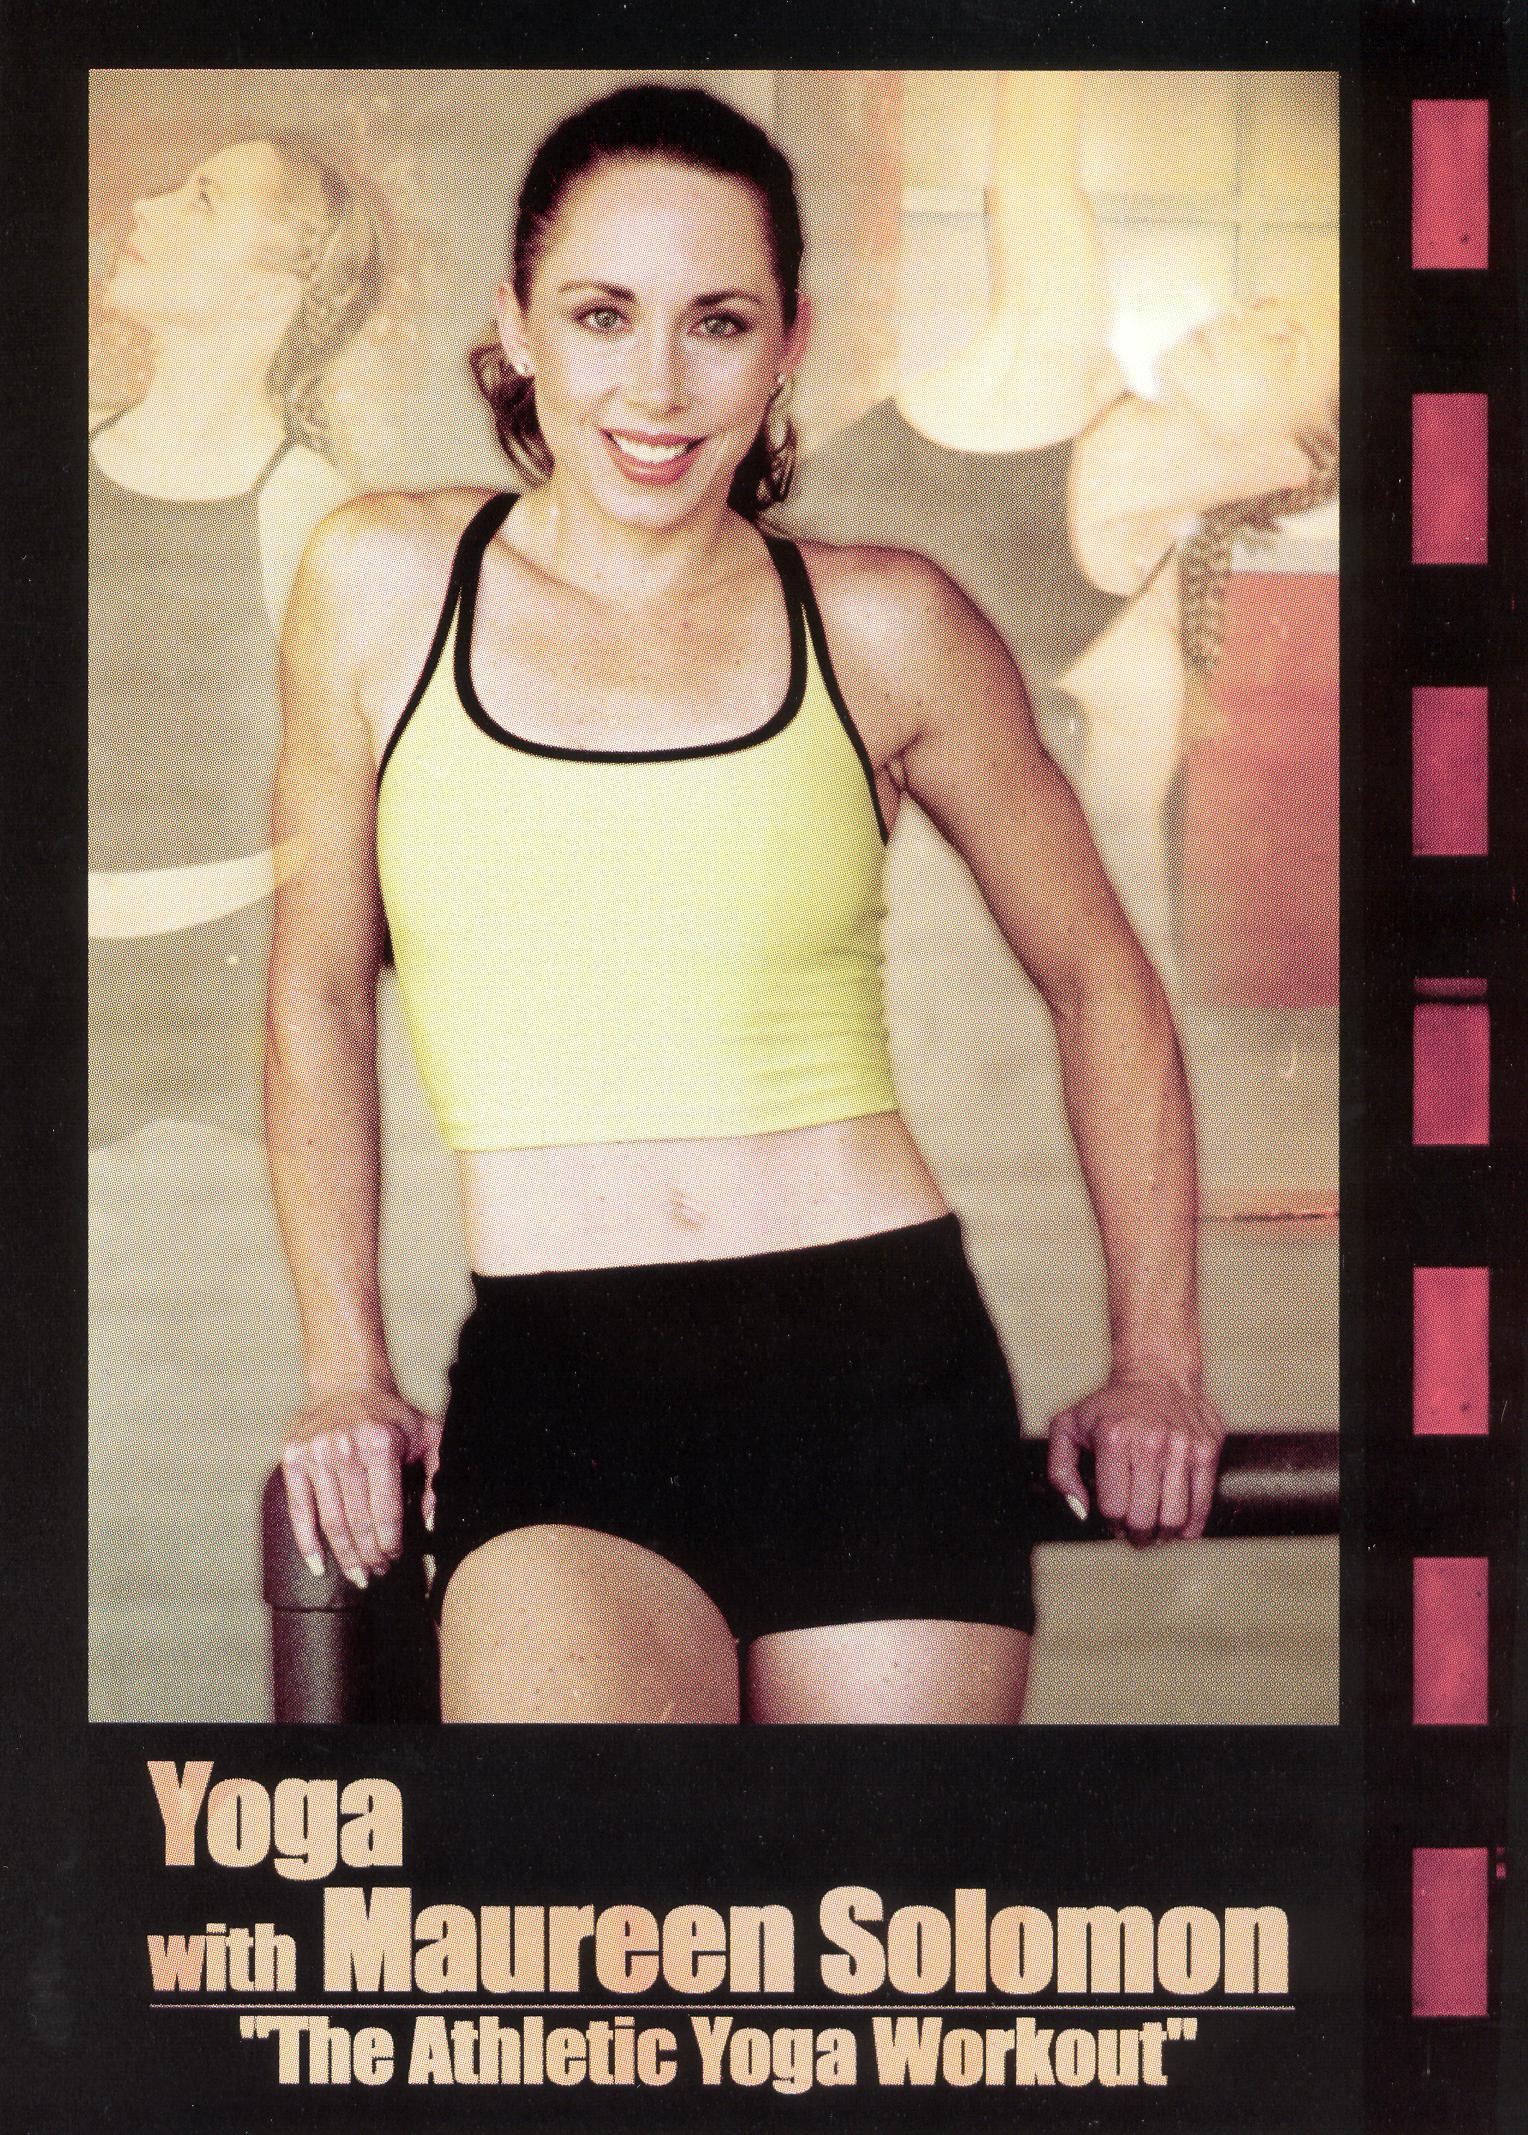 Maureen Solomon: Athletic Yoga Workout with Maureen Solomon